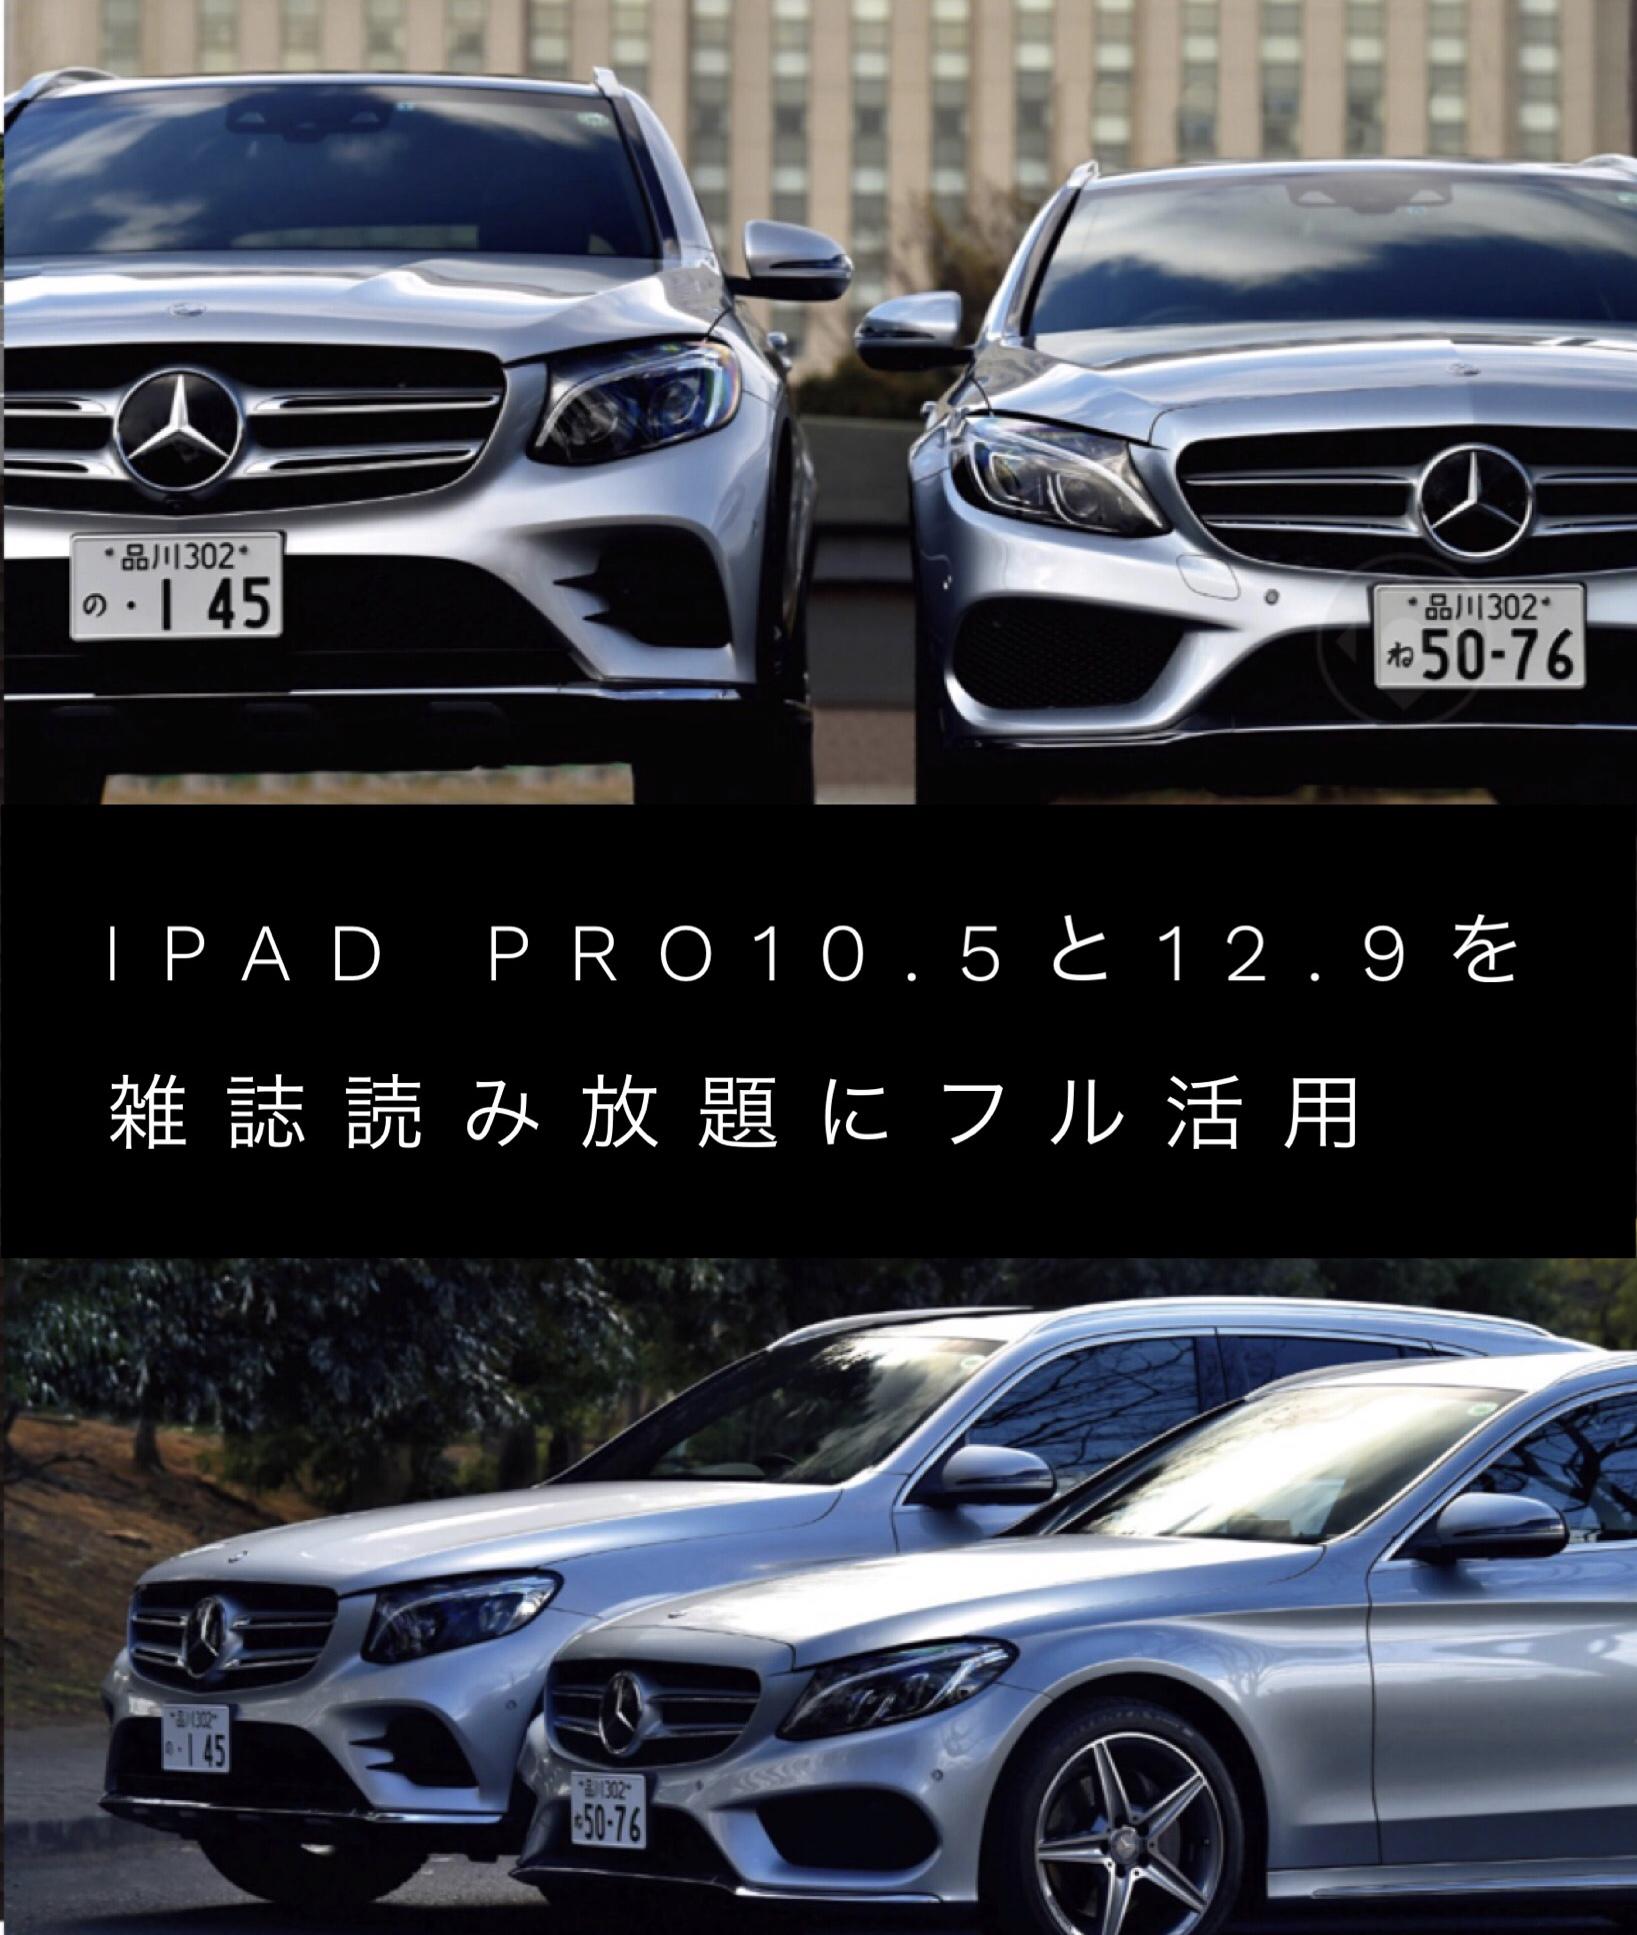 iPad Pro 10.5と12.9を雑誌読み放題にフル活用